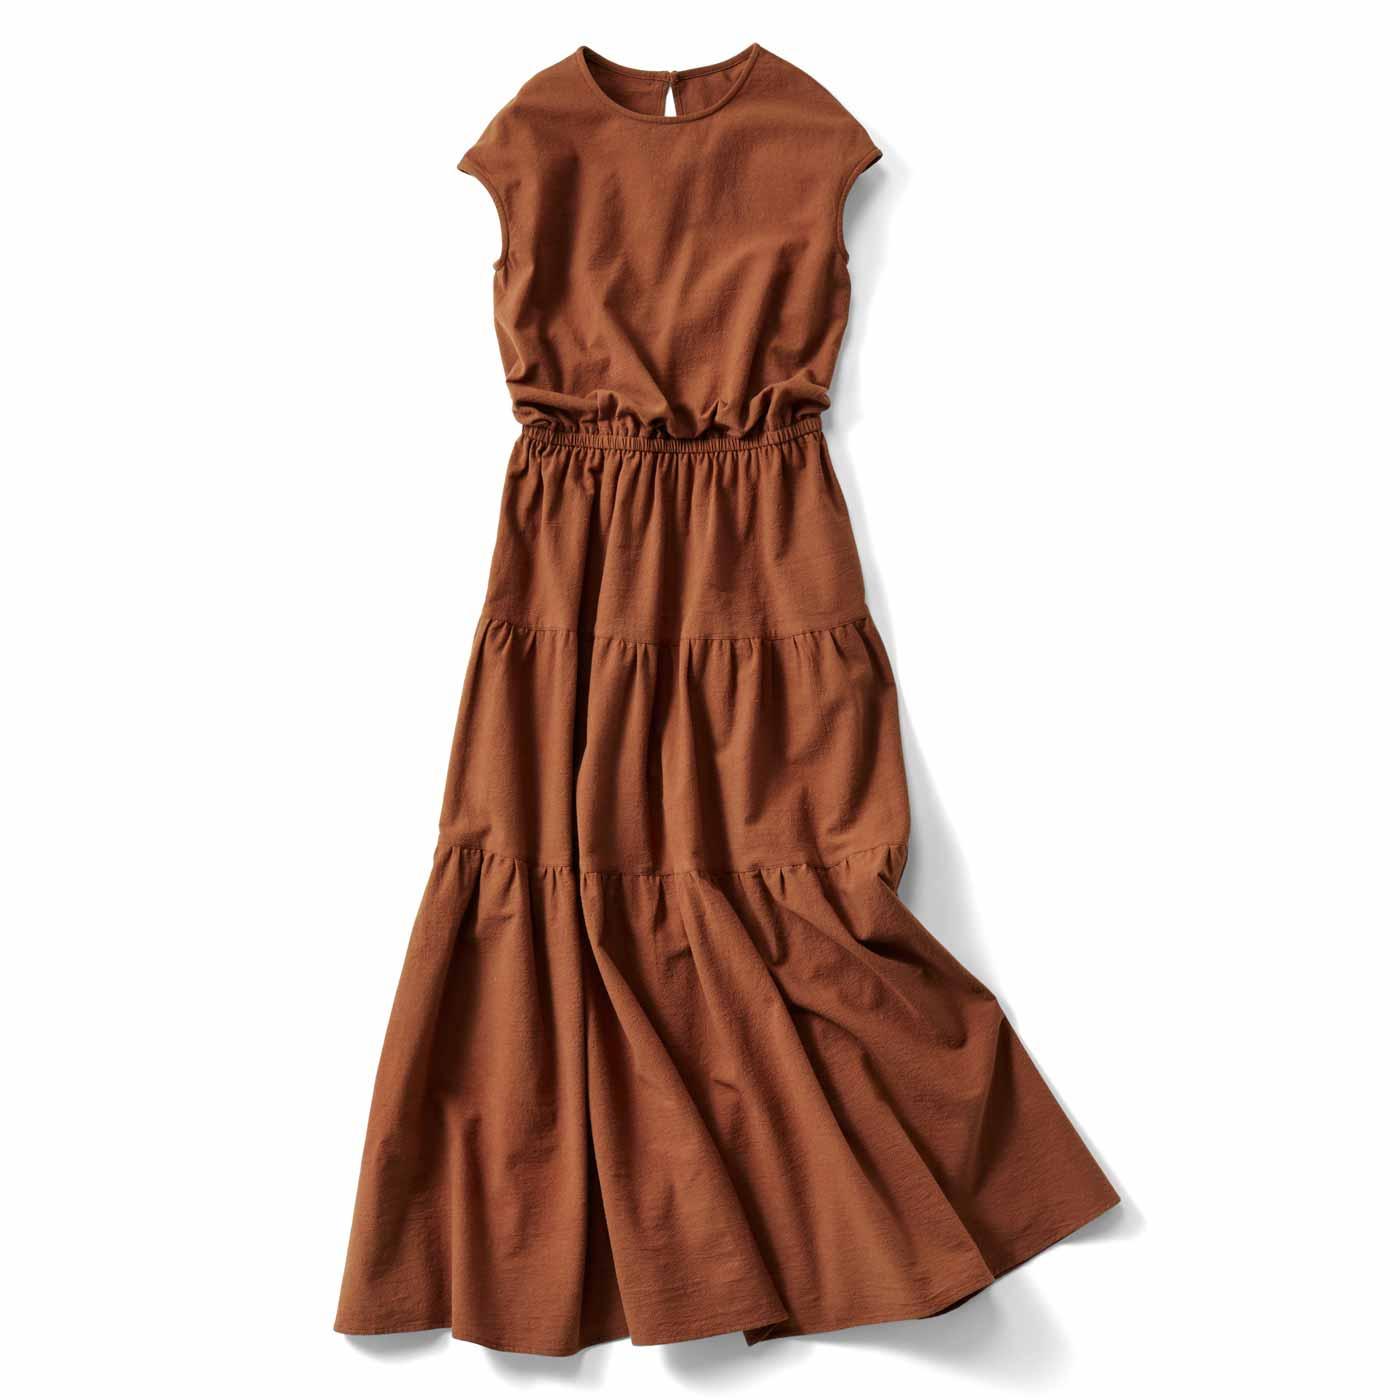 IEDIT[イディット] ティアードデザインの大人サマードレス〈テラコッタブラウン〉